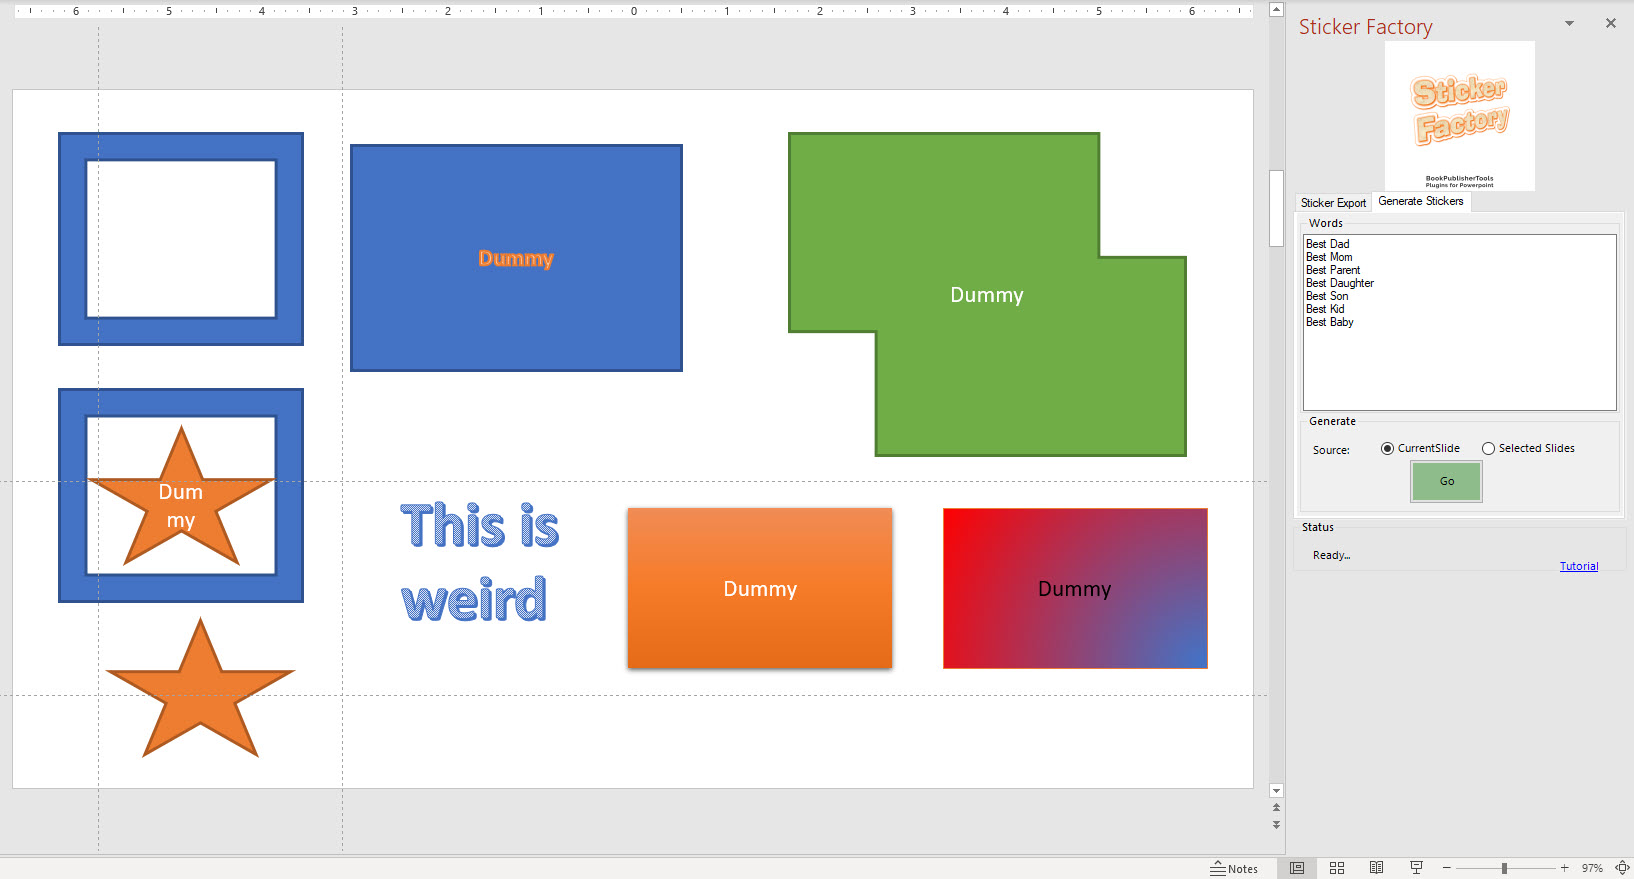 Sticker Factory 04 - Template Setup.jpg